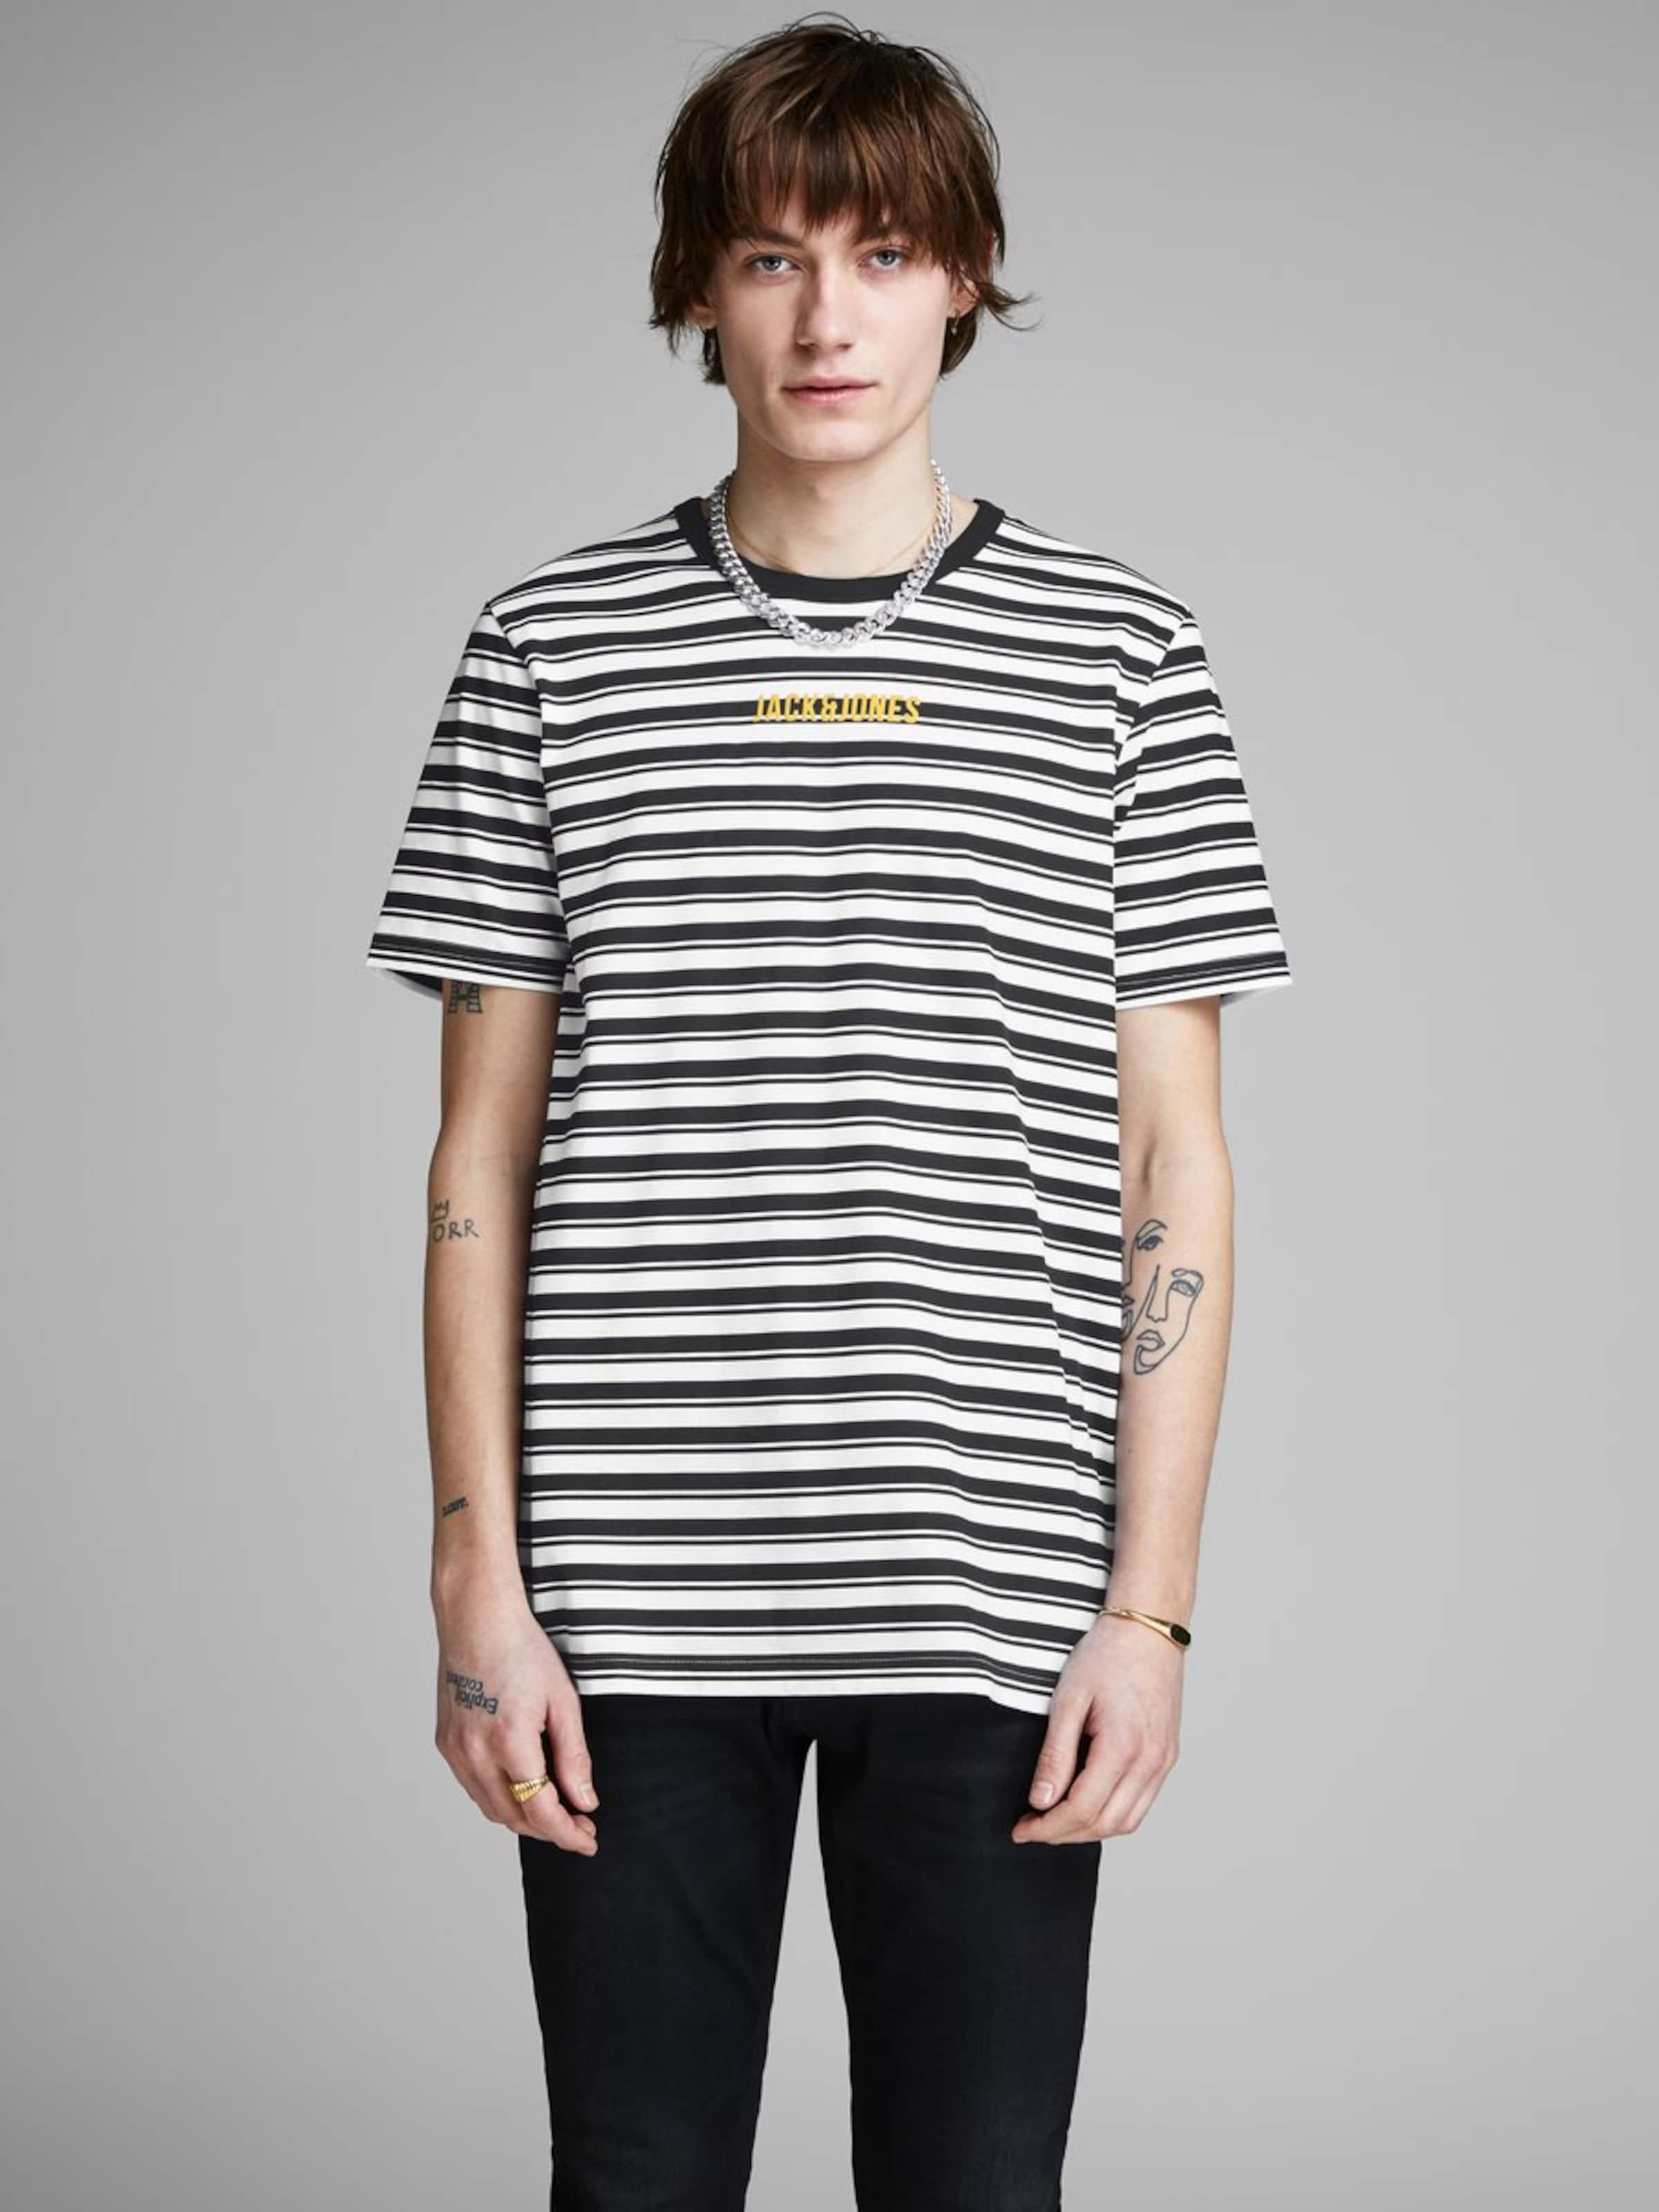 GelbSchwarz Jackamp; T shirt Jones Weiß In eEdCxrBWQo